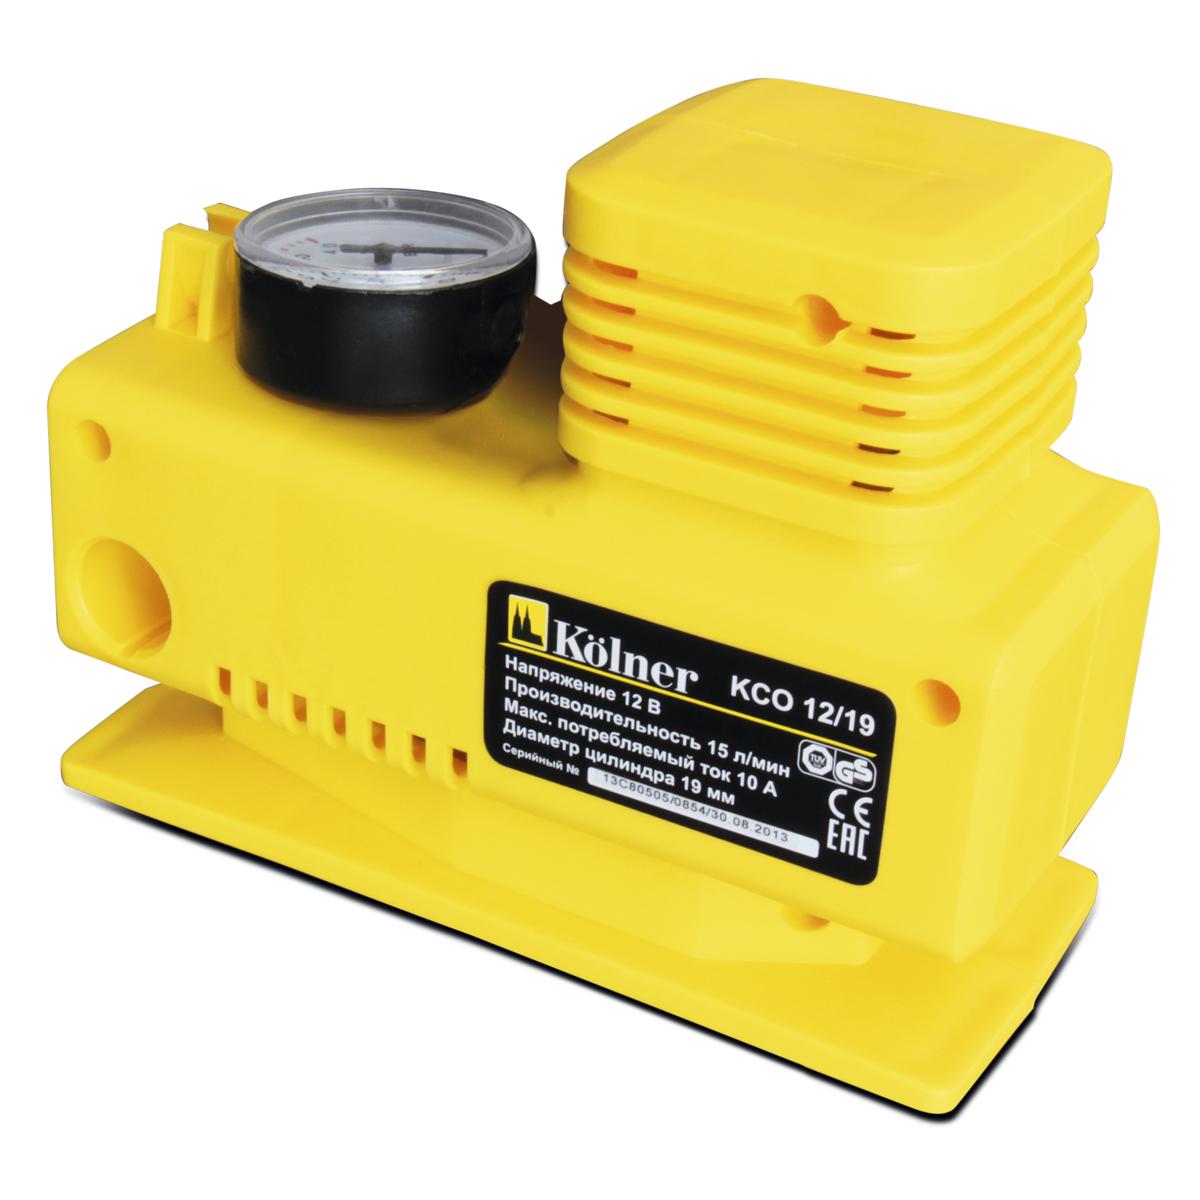 Компрессор автомобильный Kolner KCO 12/19кн12-19ксоНапряжение, В: 12Производительность, л/мин: 15Рабочее давление, атм: 3Максимальное давление, атм: 4Максимальный ток потребления, А: 10Диаметр цилиндра, мм: 19Длина шланга компрессора, см: 50Длина сетевого кабеля, м: 3Комплектация: насадки-переходникикомпрессор работает от напряжения 12 вольт на верхней части корпуса расположен манометр, позволяющий контролировать работу компрессора